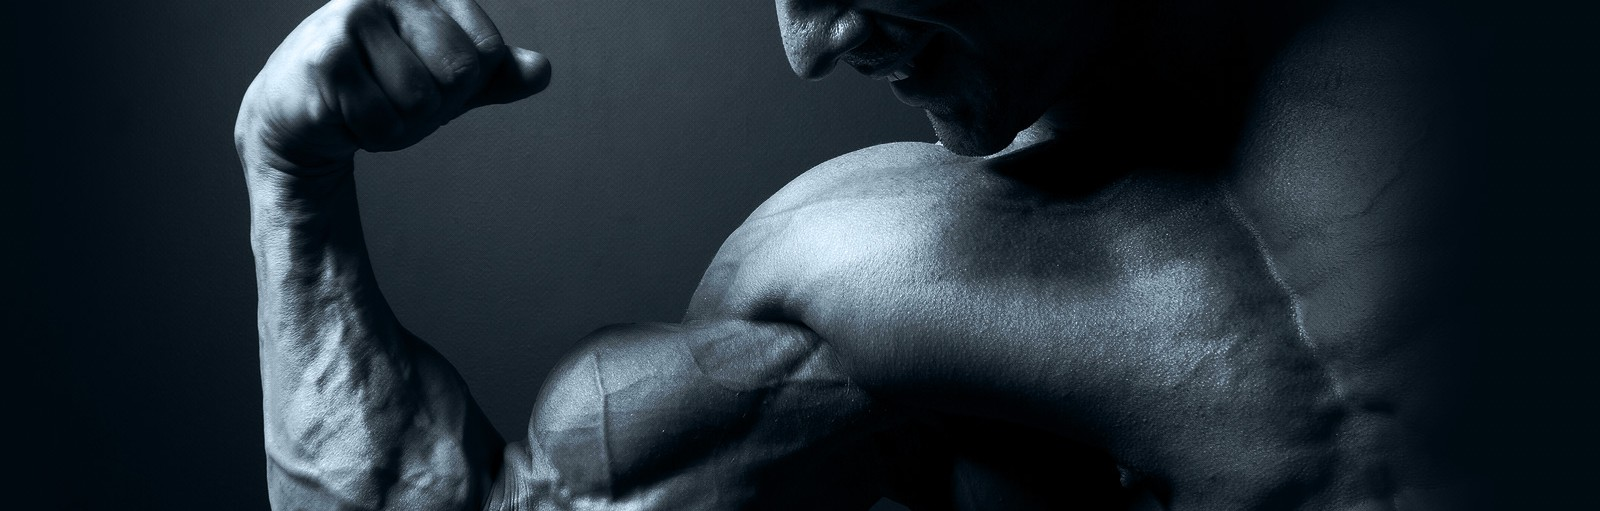 BodyWorks: Just Get Fit.